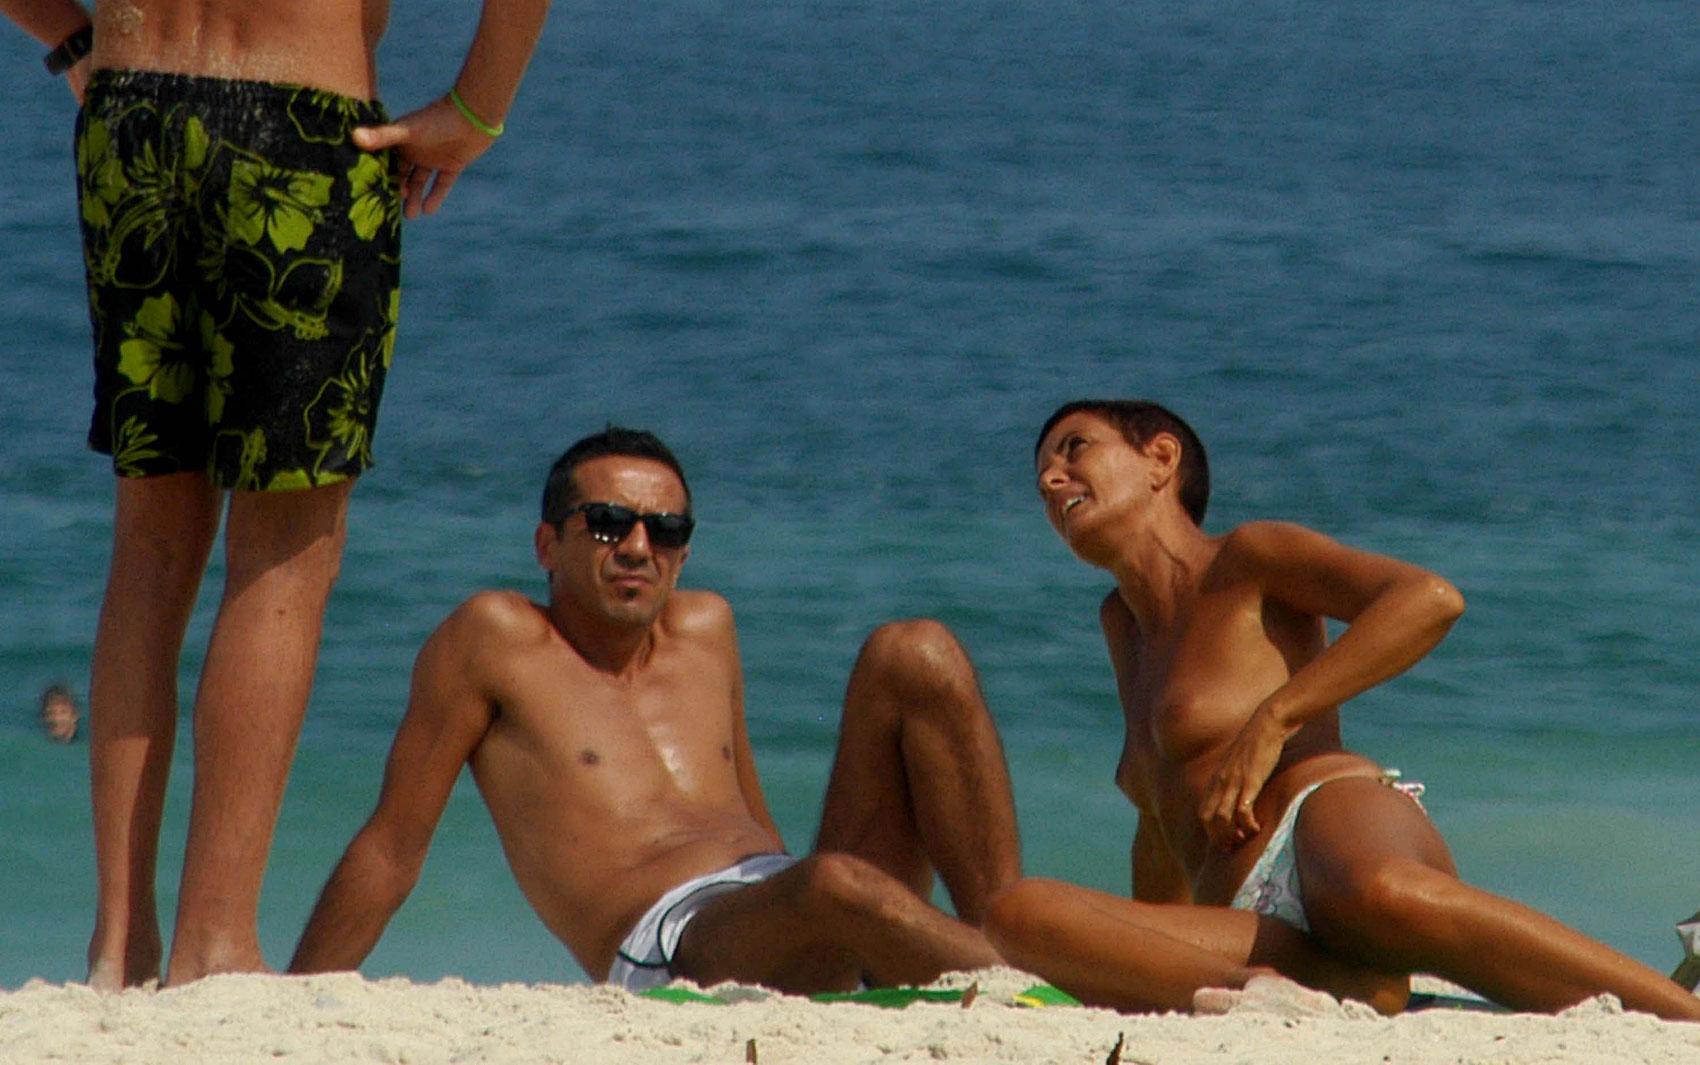 Banhista faz topless e aproveita o forte calor nesta quarta-feira (7) na praia de Ipanema. no Rio de Janeiro.